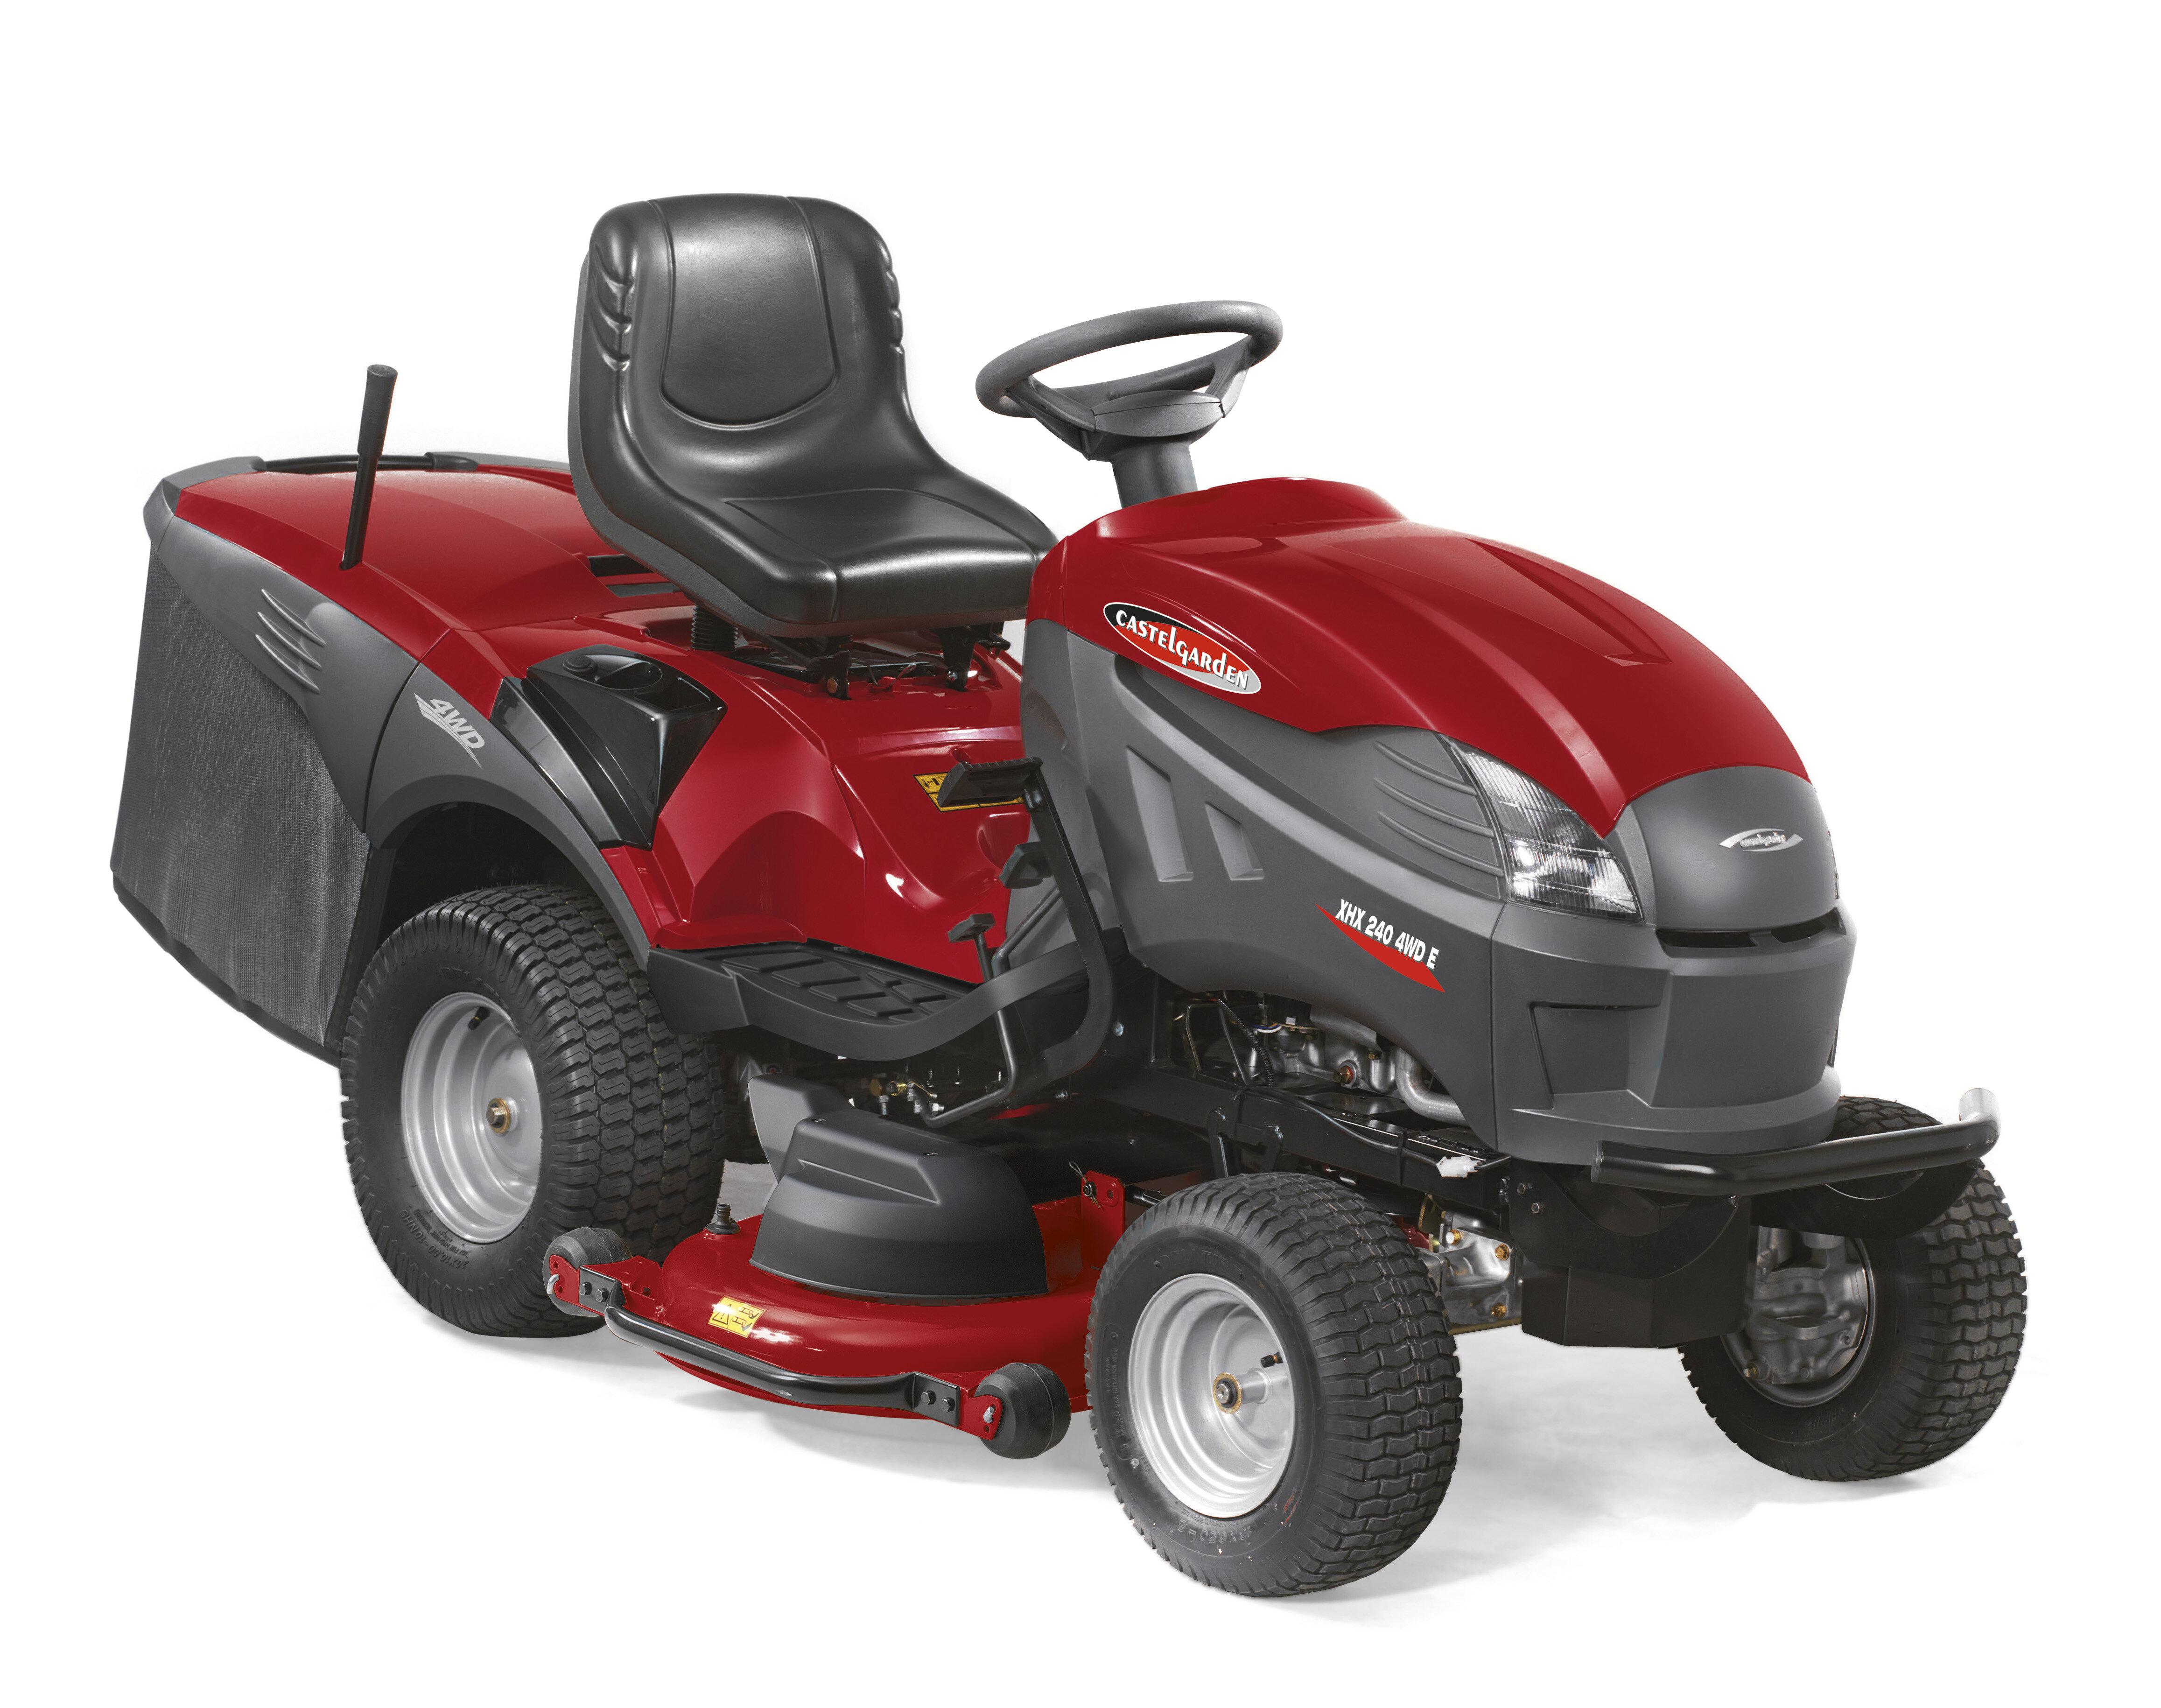 Castelgarden Tractor Mower, Castlegarden tractor mower, castlegarden ride-on mower, castelgarden ride-on mower, castelgarden, castlegarden